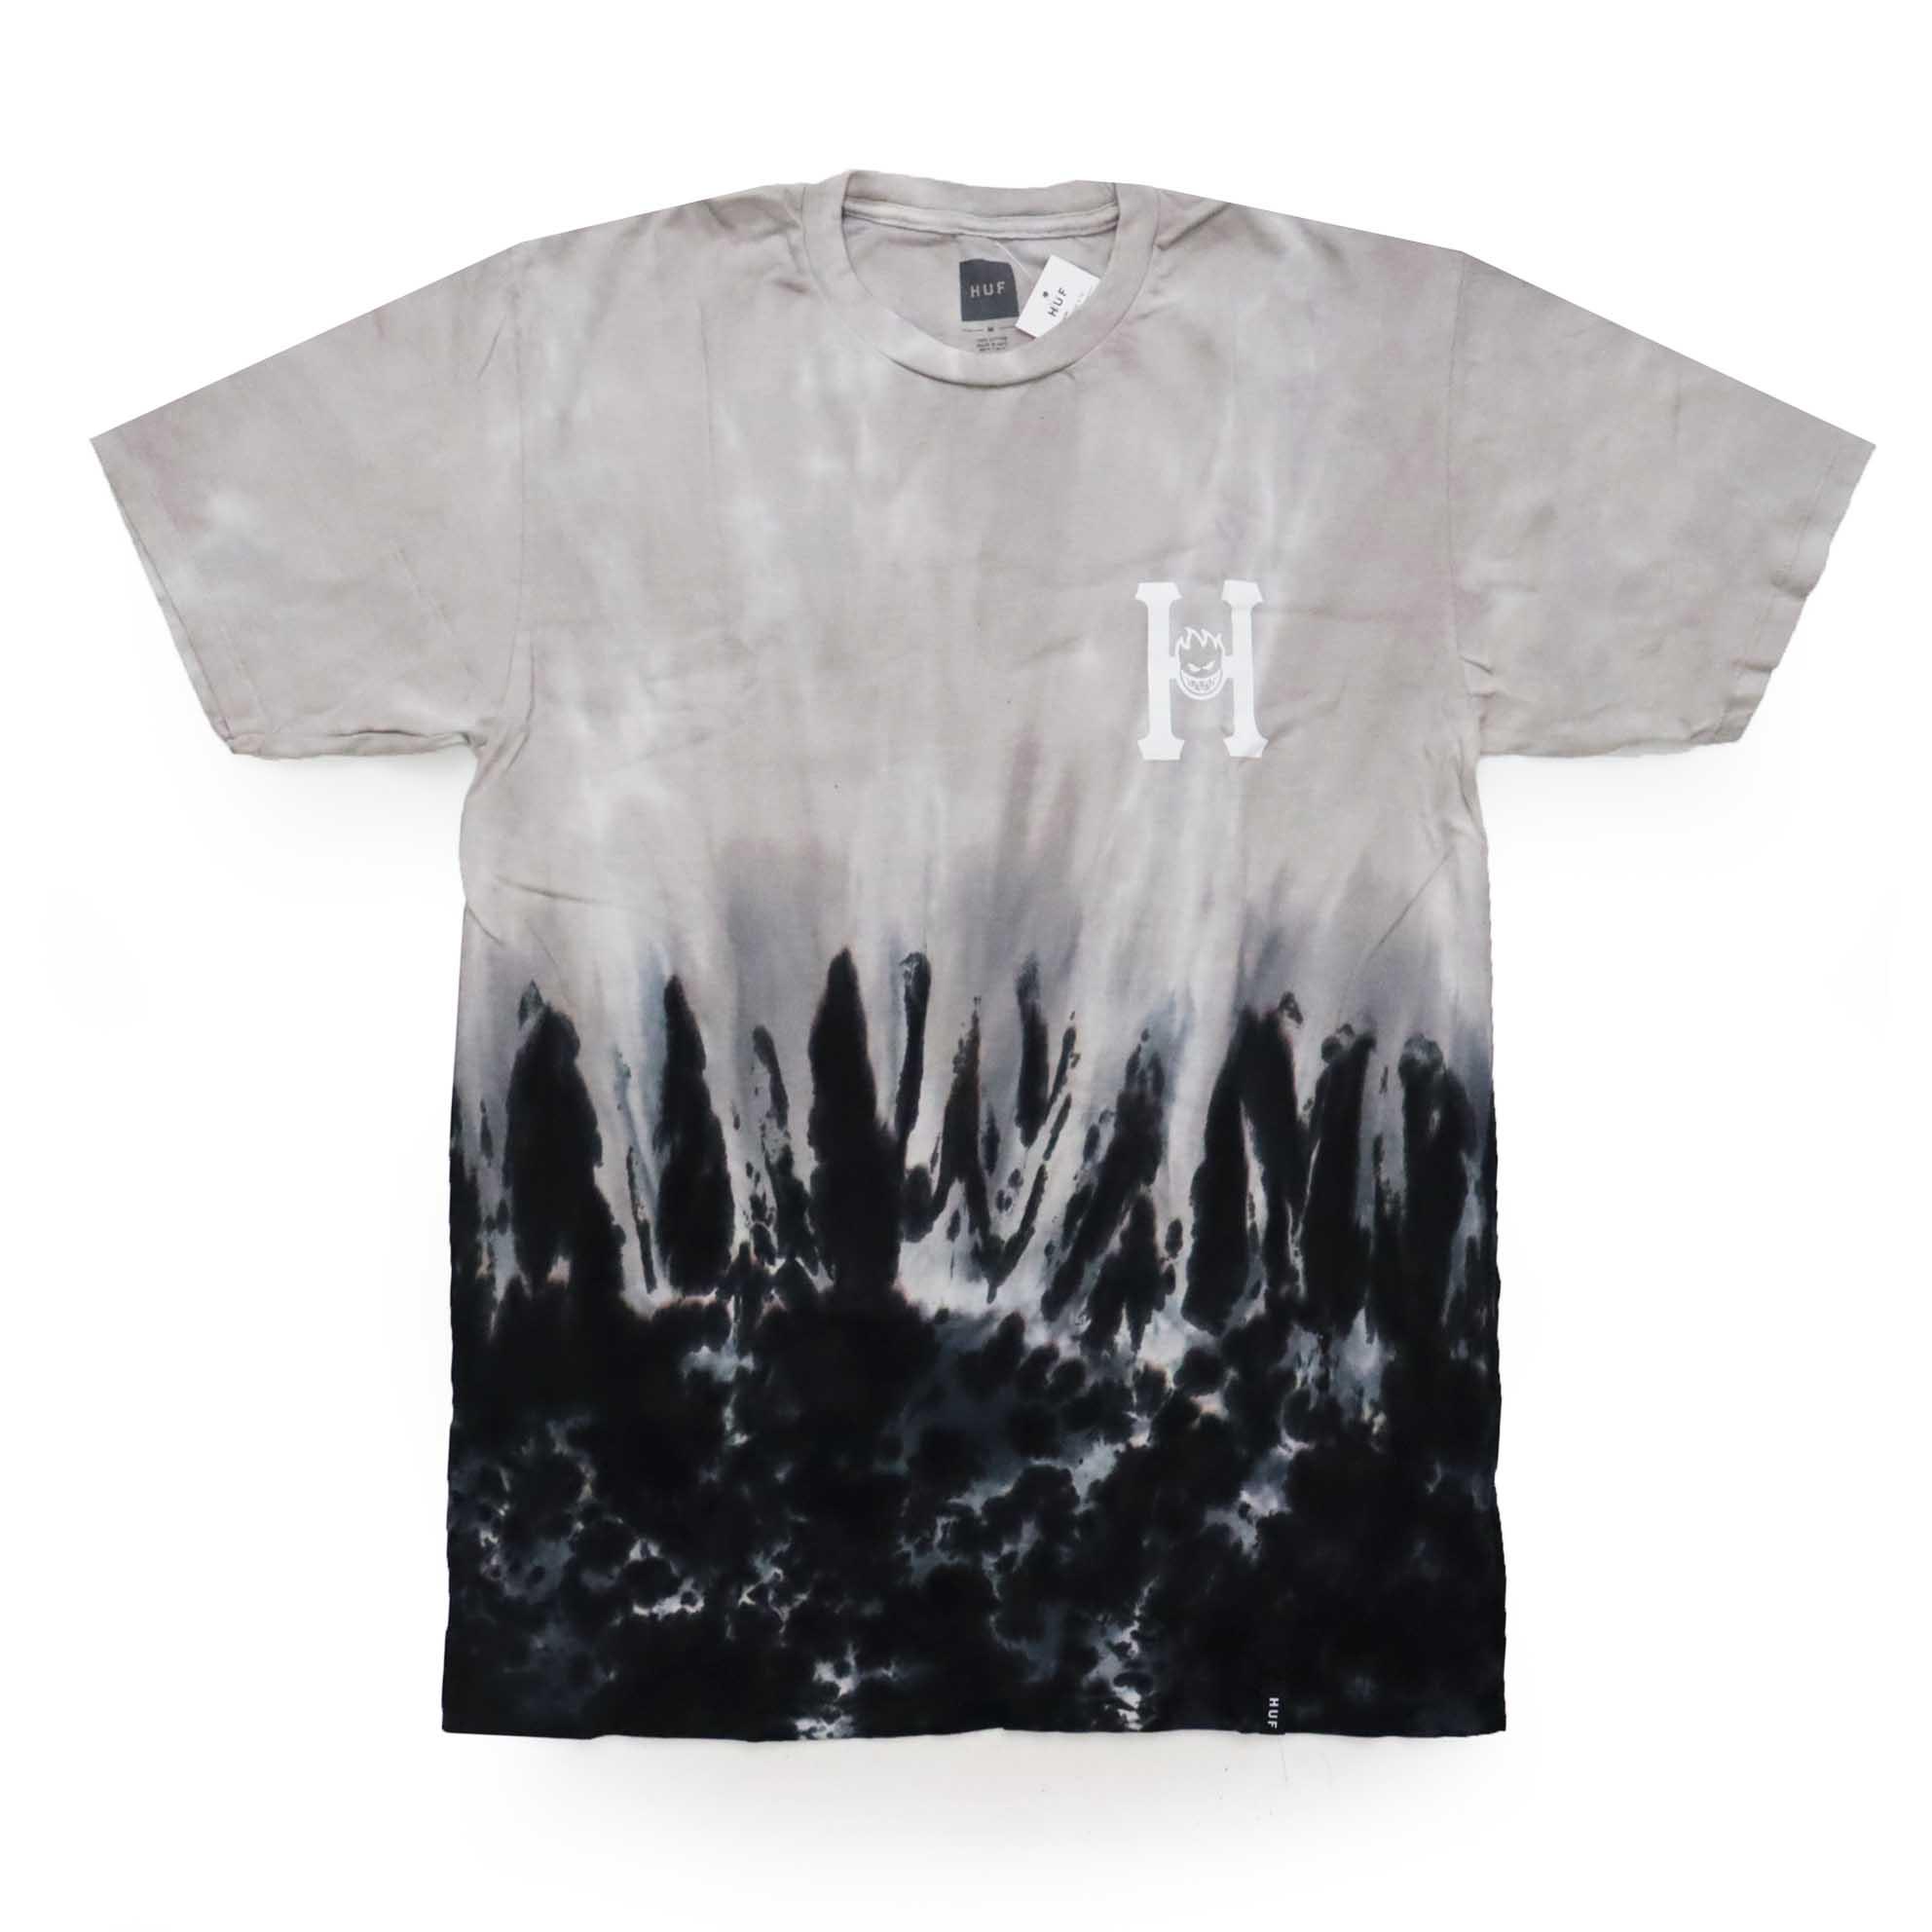 Camiseta HUF x Spitfire Flaming  - Tie Dye Preto/Cinza (Importado)